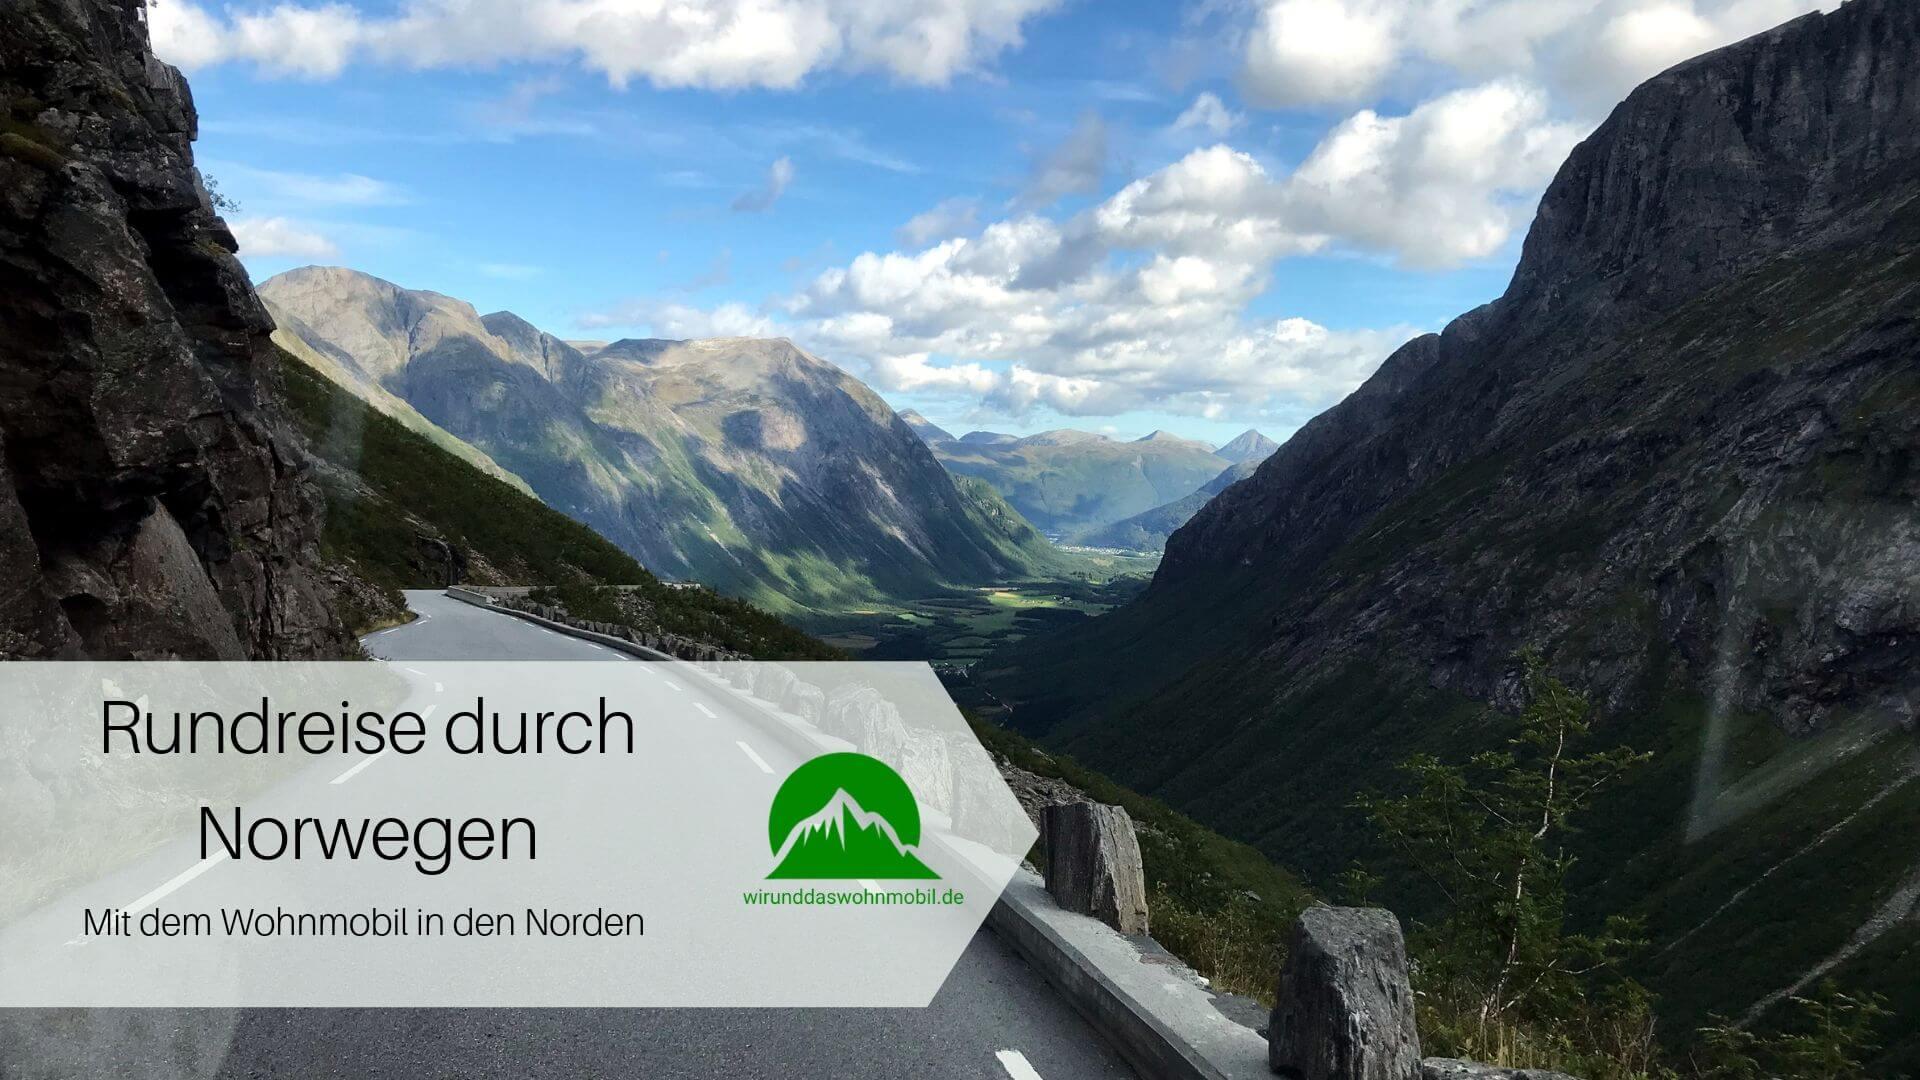 Titelbild Rundreise durch Norwegen Straße Berge